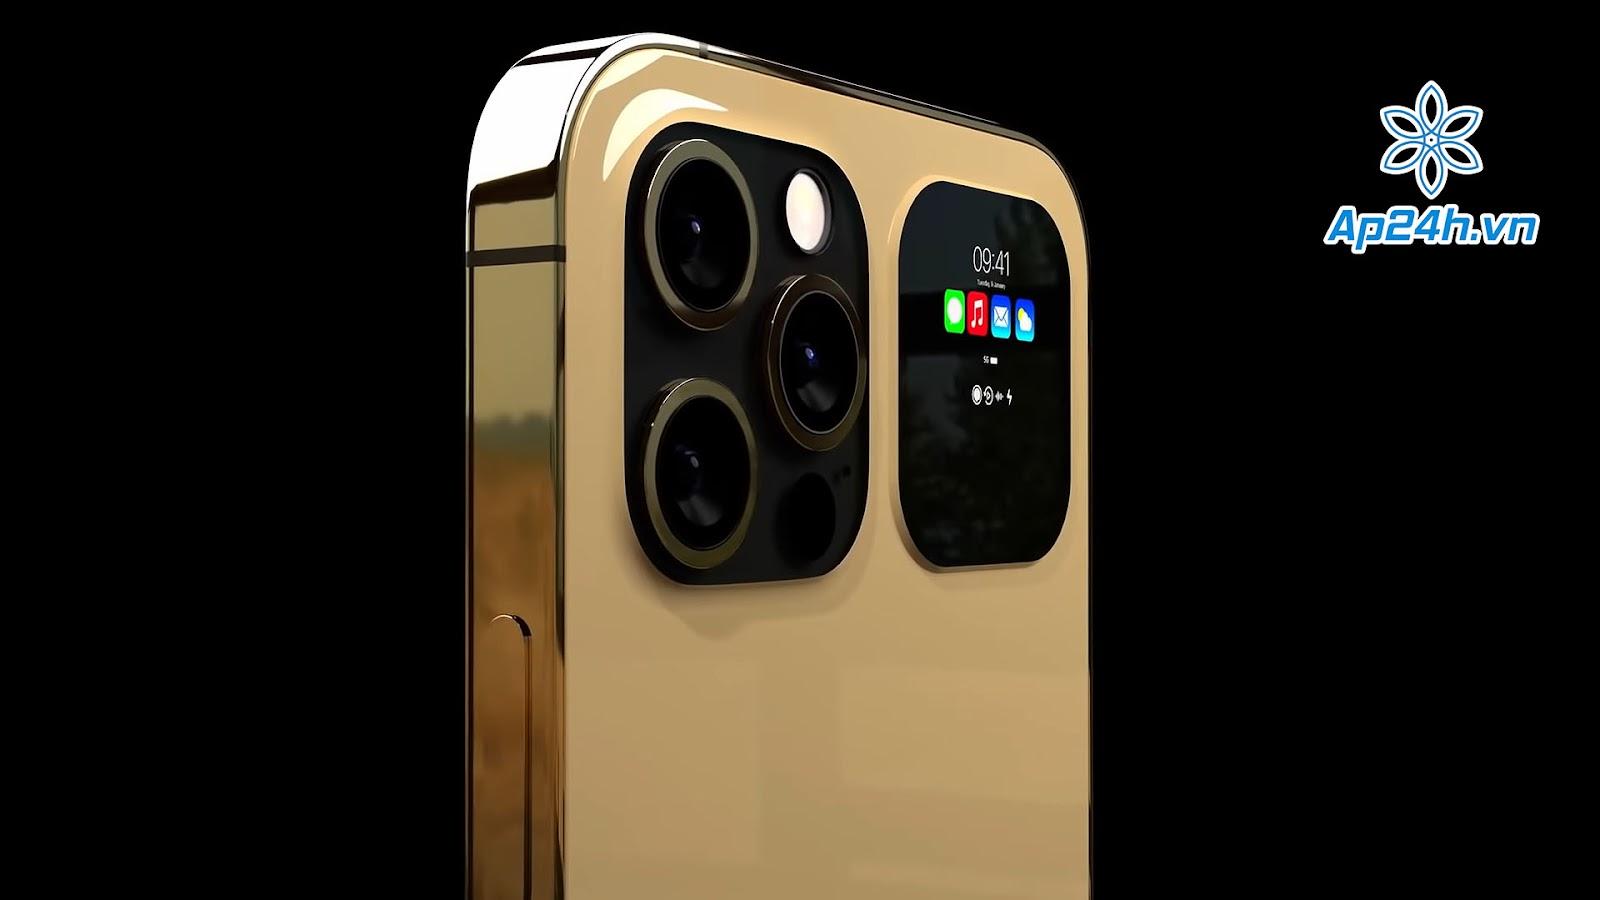 Màn hình phụ trên iPhone 13 Pro